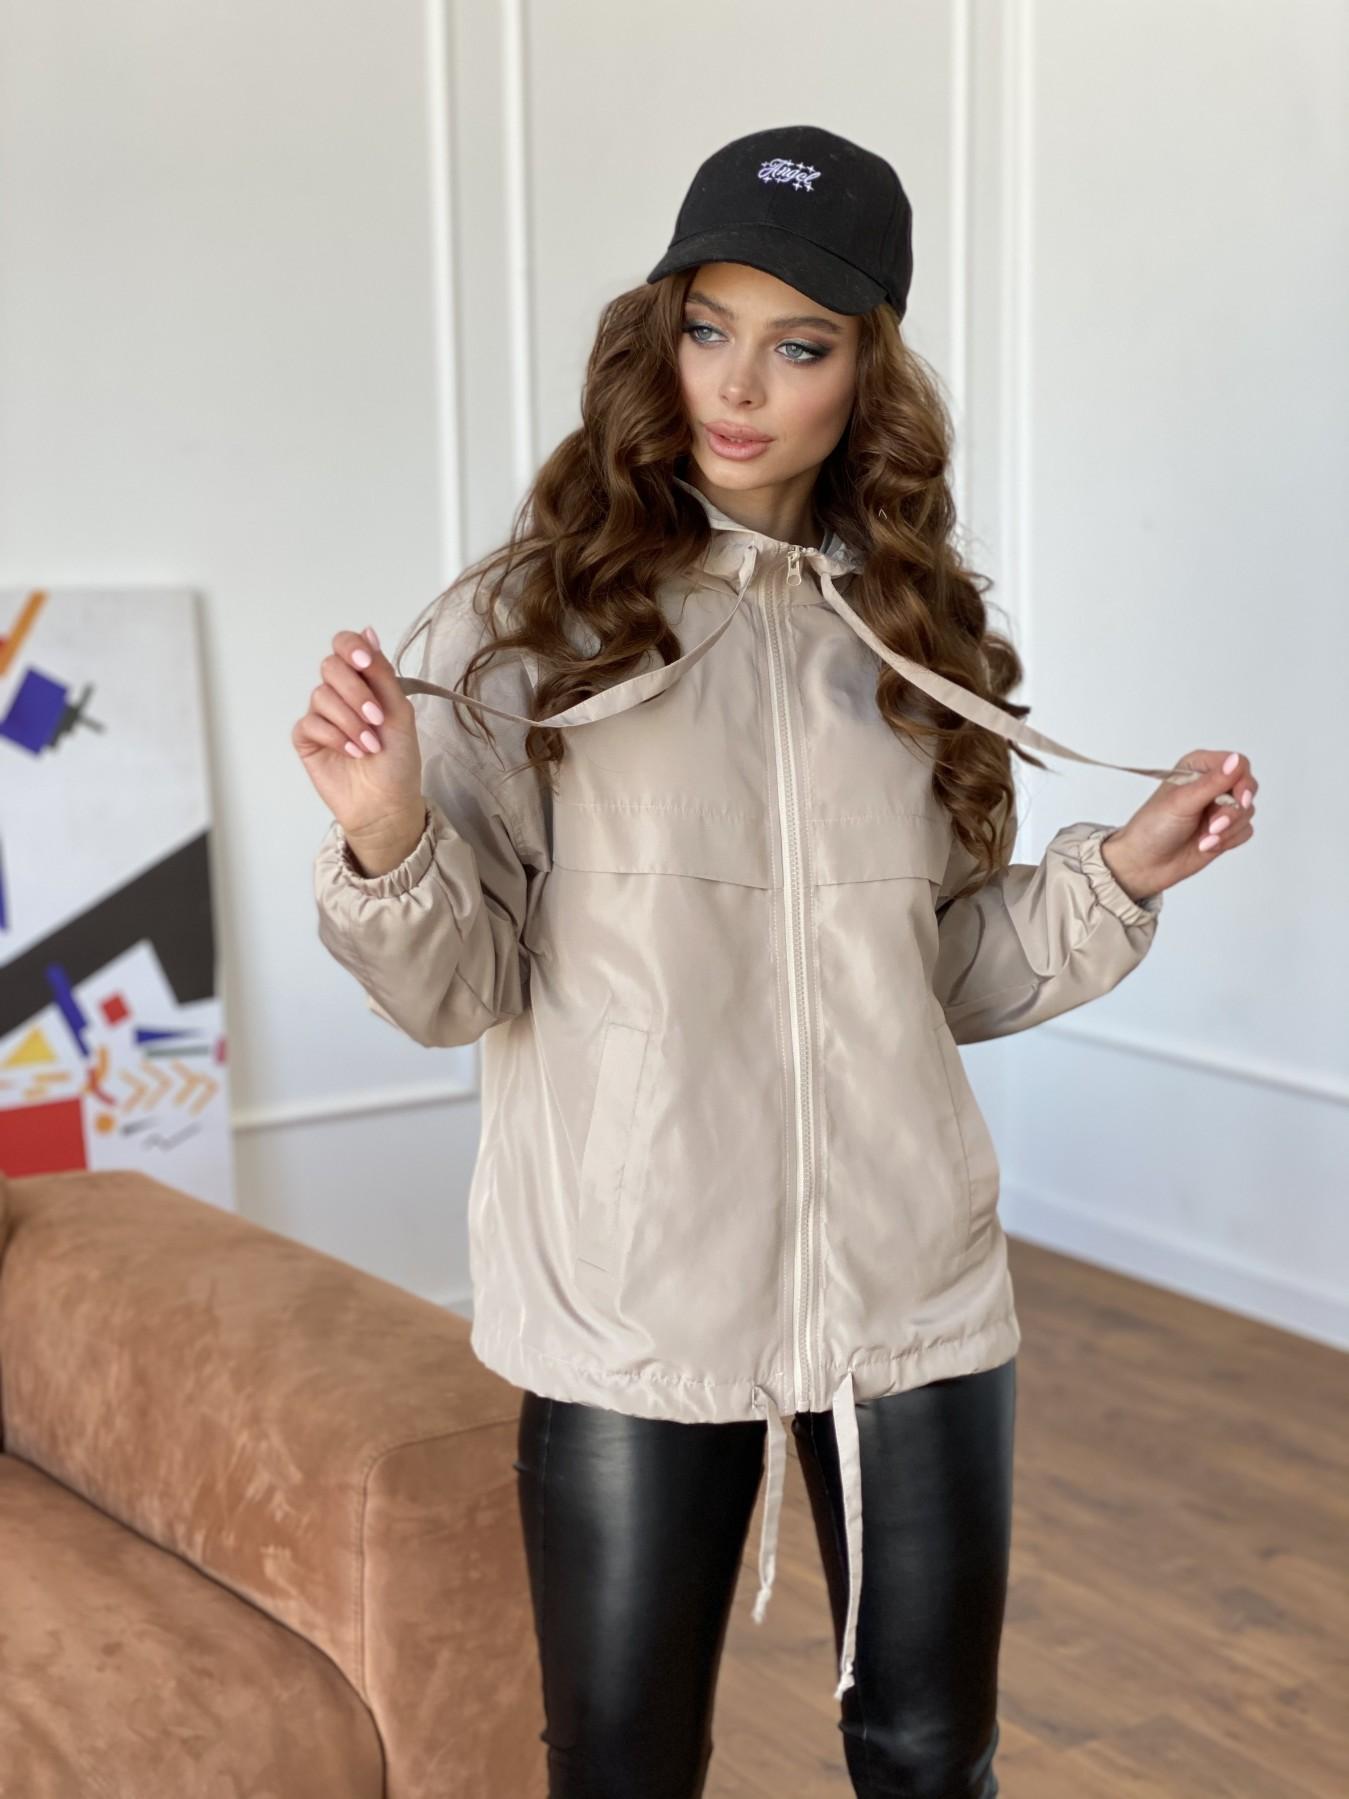 Фит куртка из плащевки Ammy 10971 АРТ. 47466 Цвет: Бежевый - фото 12, интернет магазин tm-modus.ru